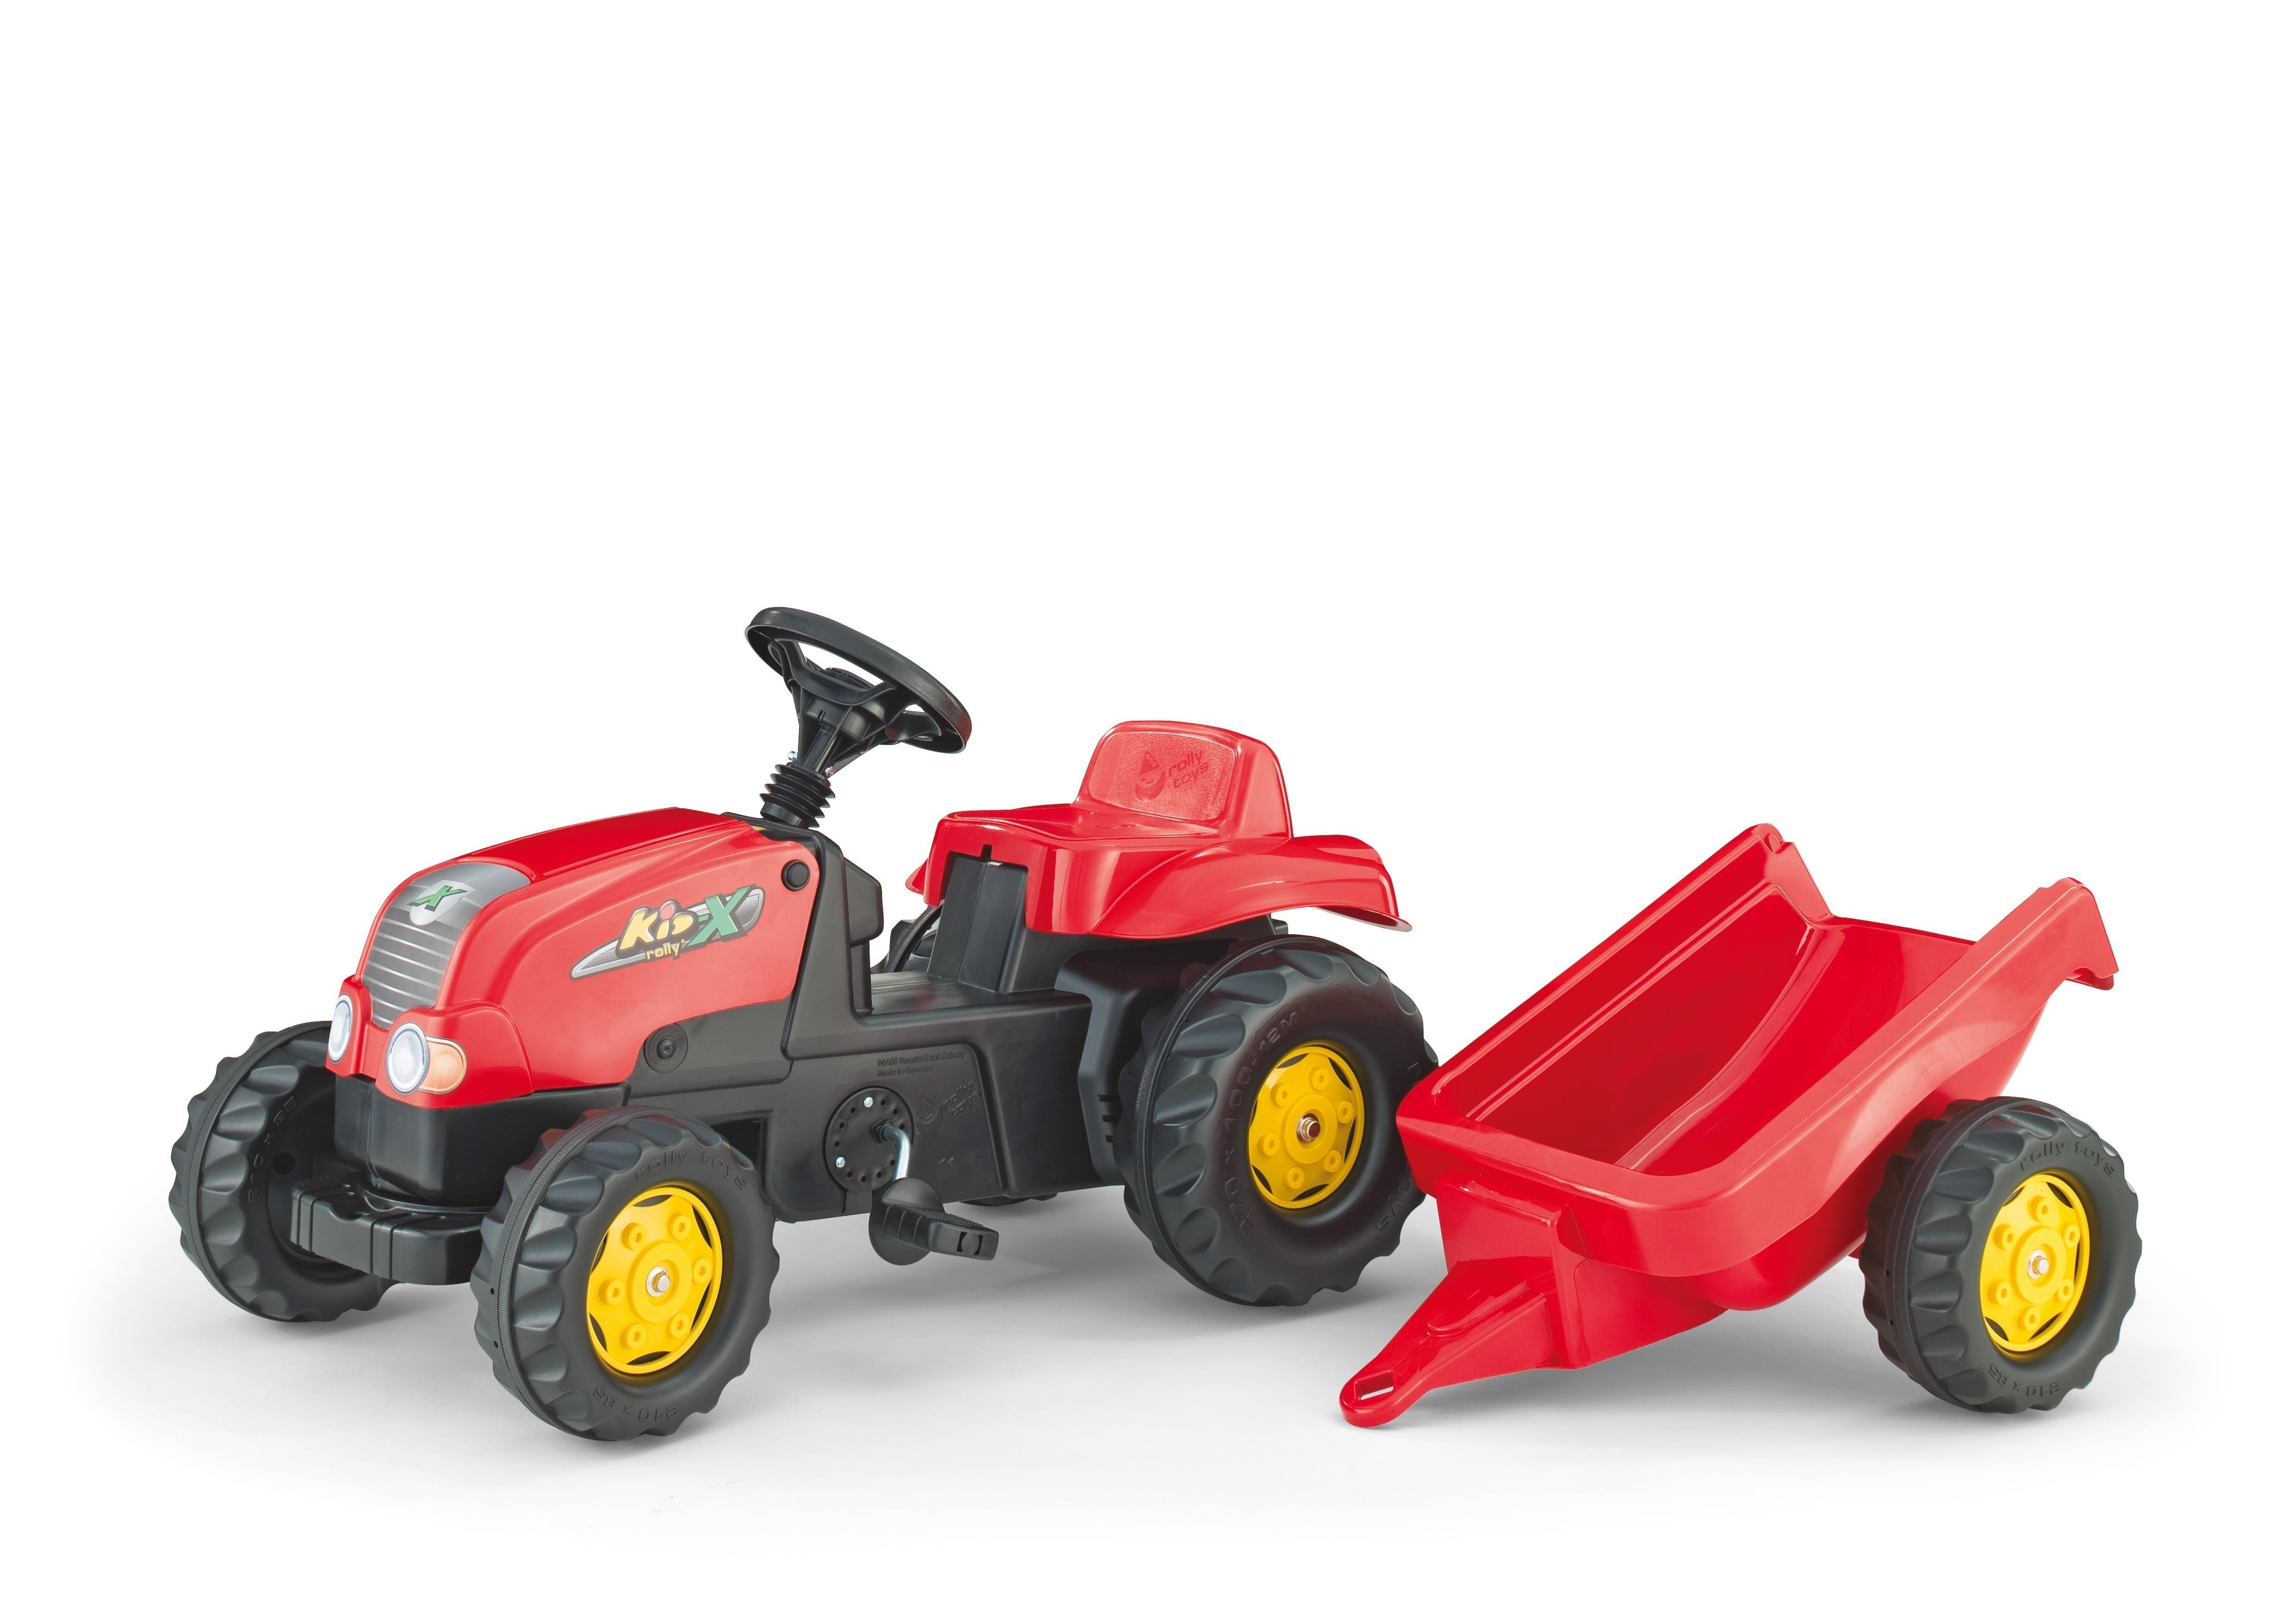 Trettraktor rolly Kid X mit Anhänger rot Rolly Toys bei